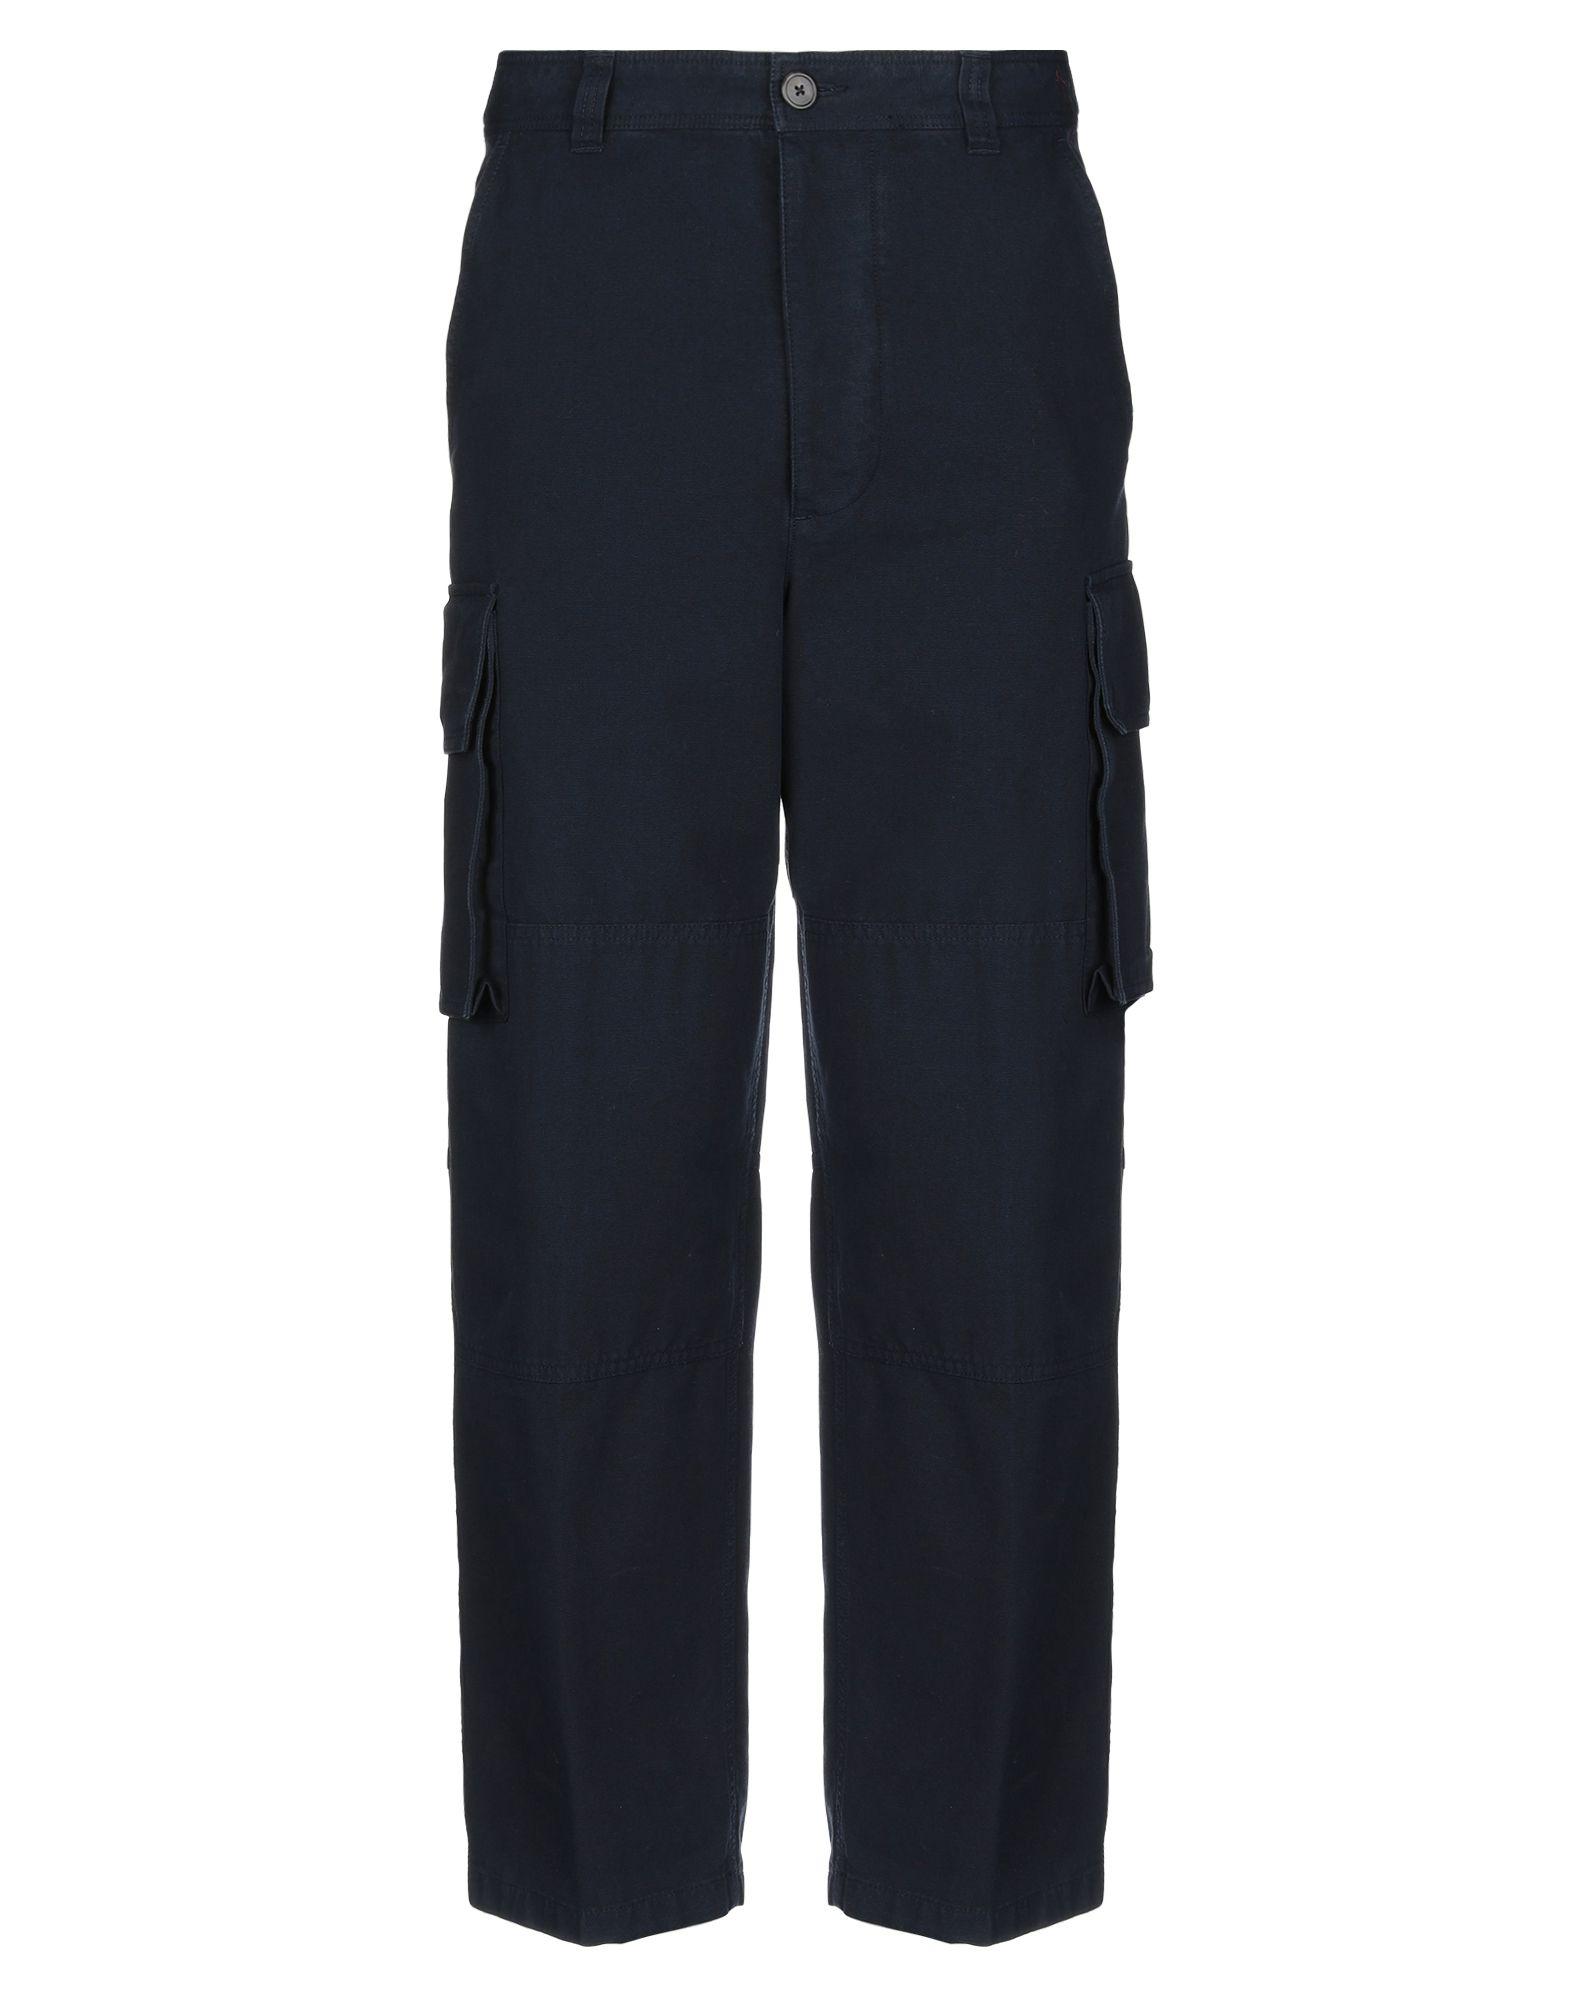 《期間限定セール開催中!》AMI ALEXANDRE MATTIUSSI メンズ パンツ ダークブルー L コットン 100%